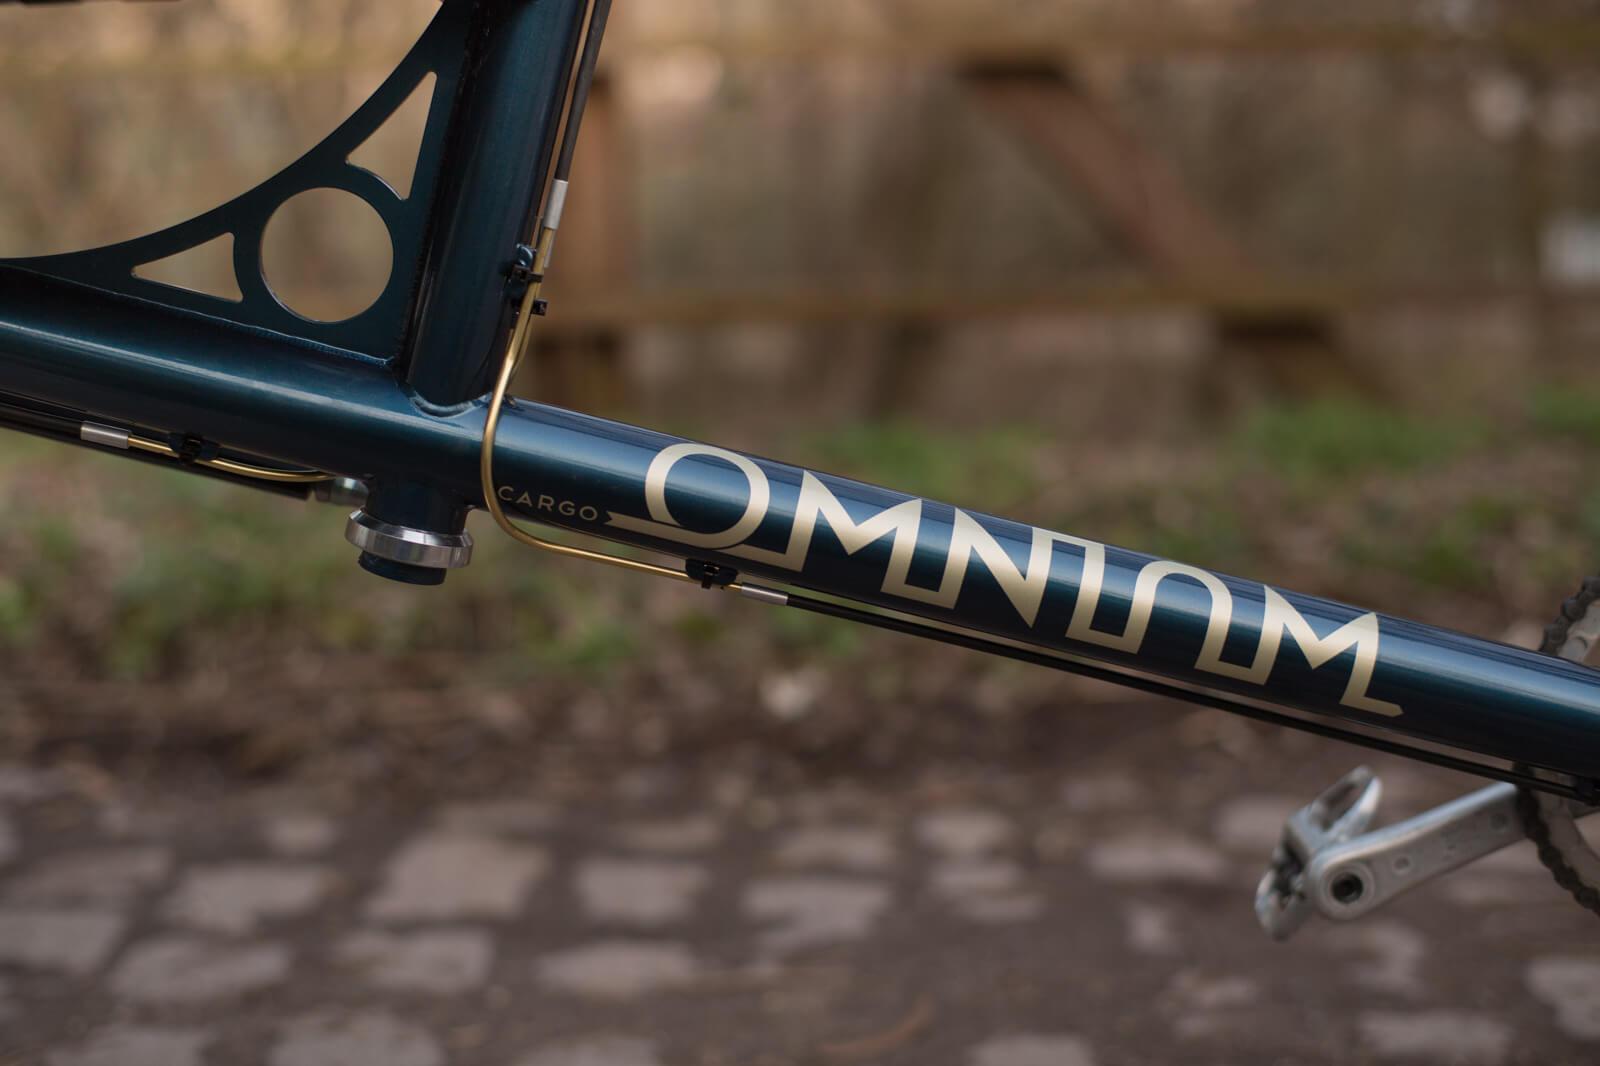 Omnium_Cargo_14